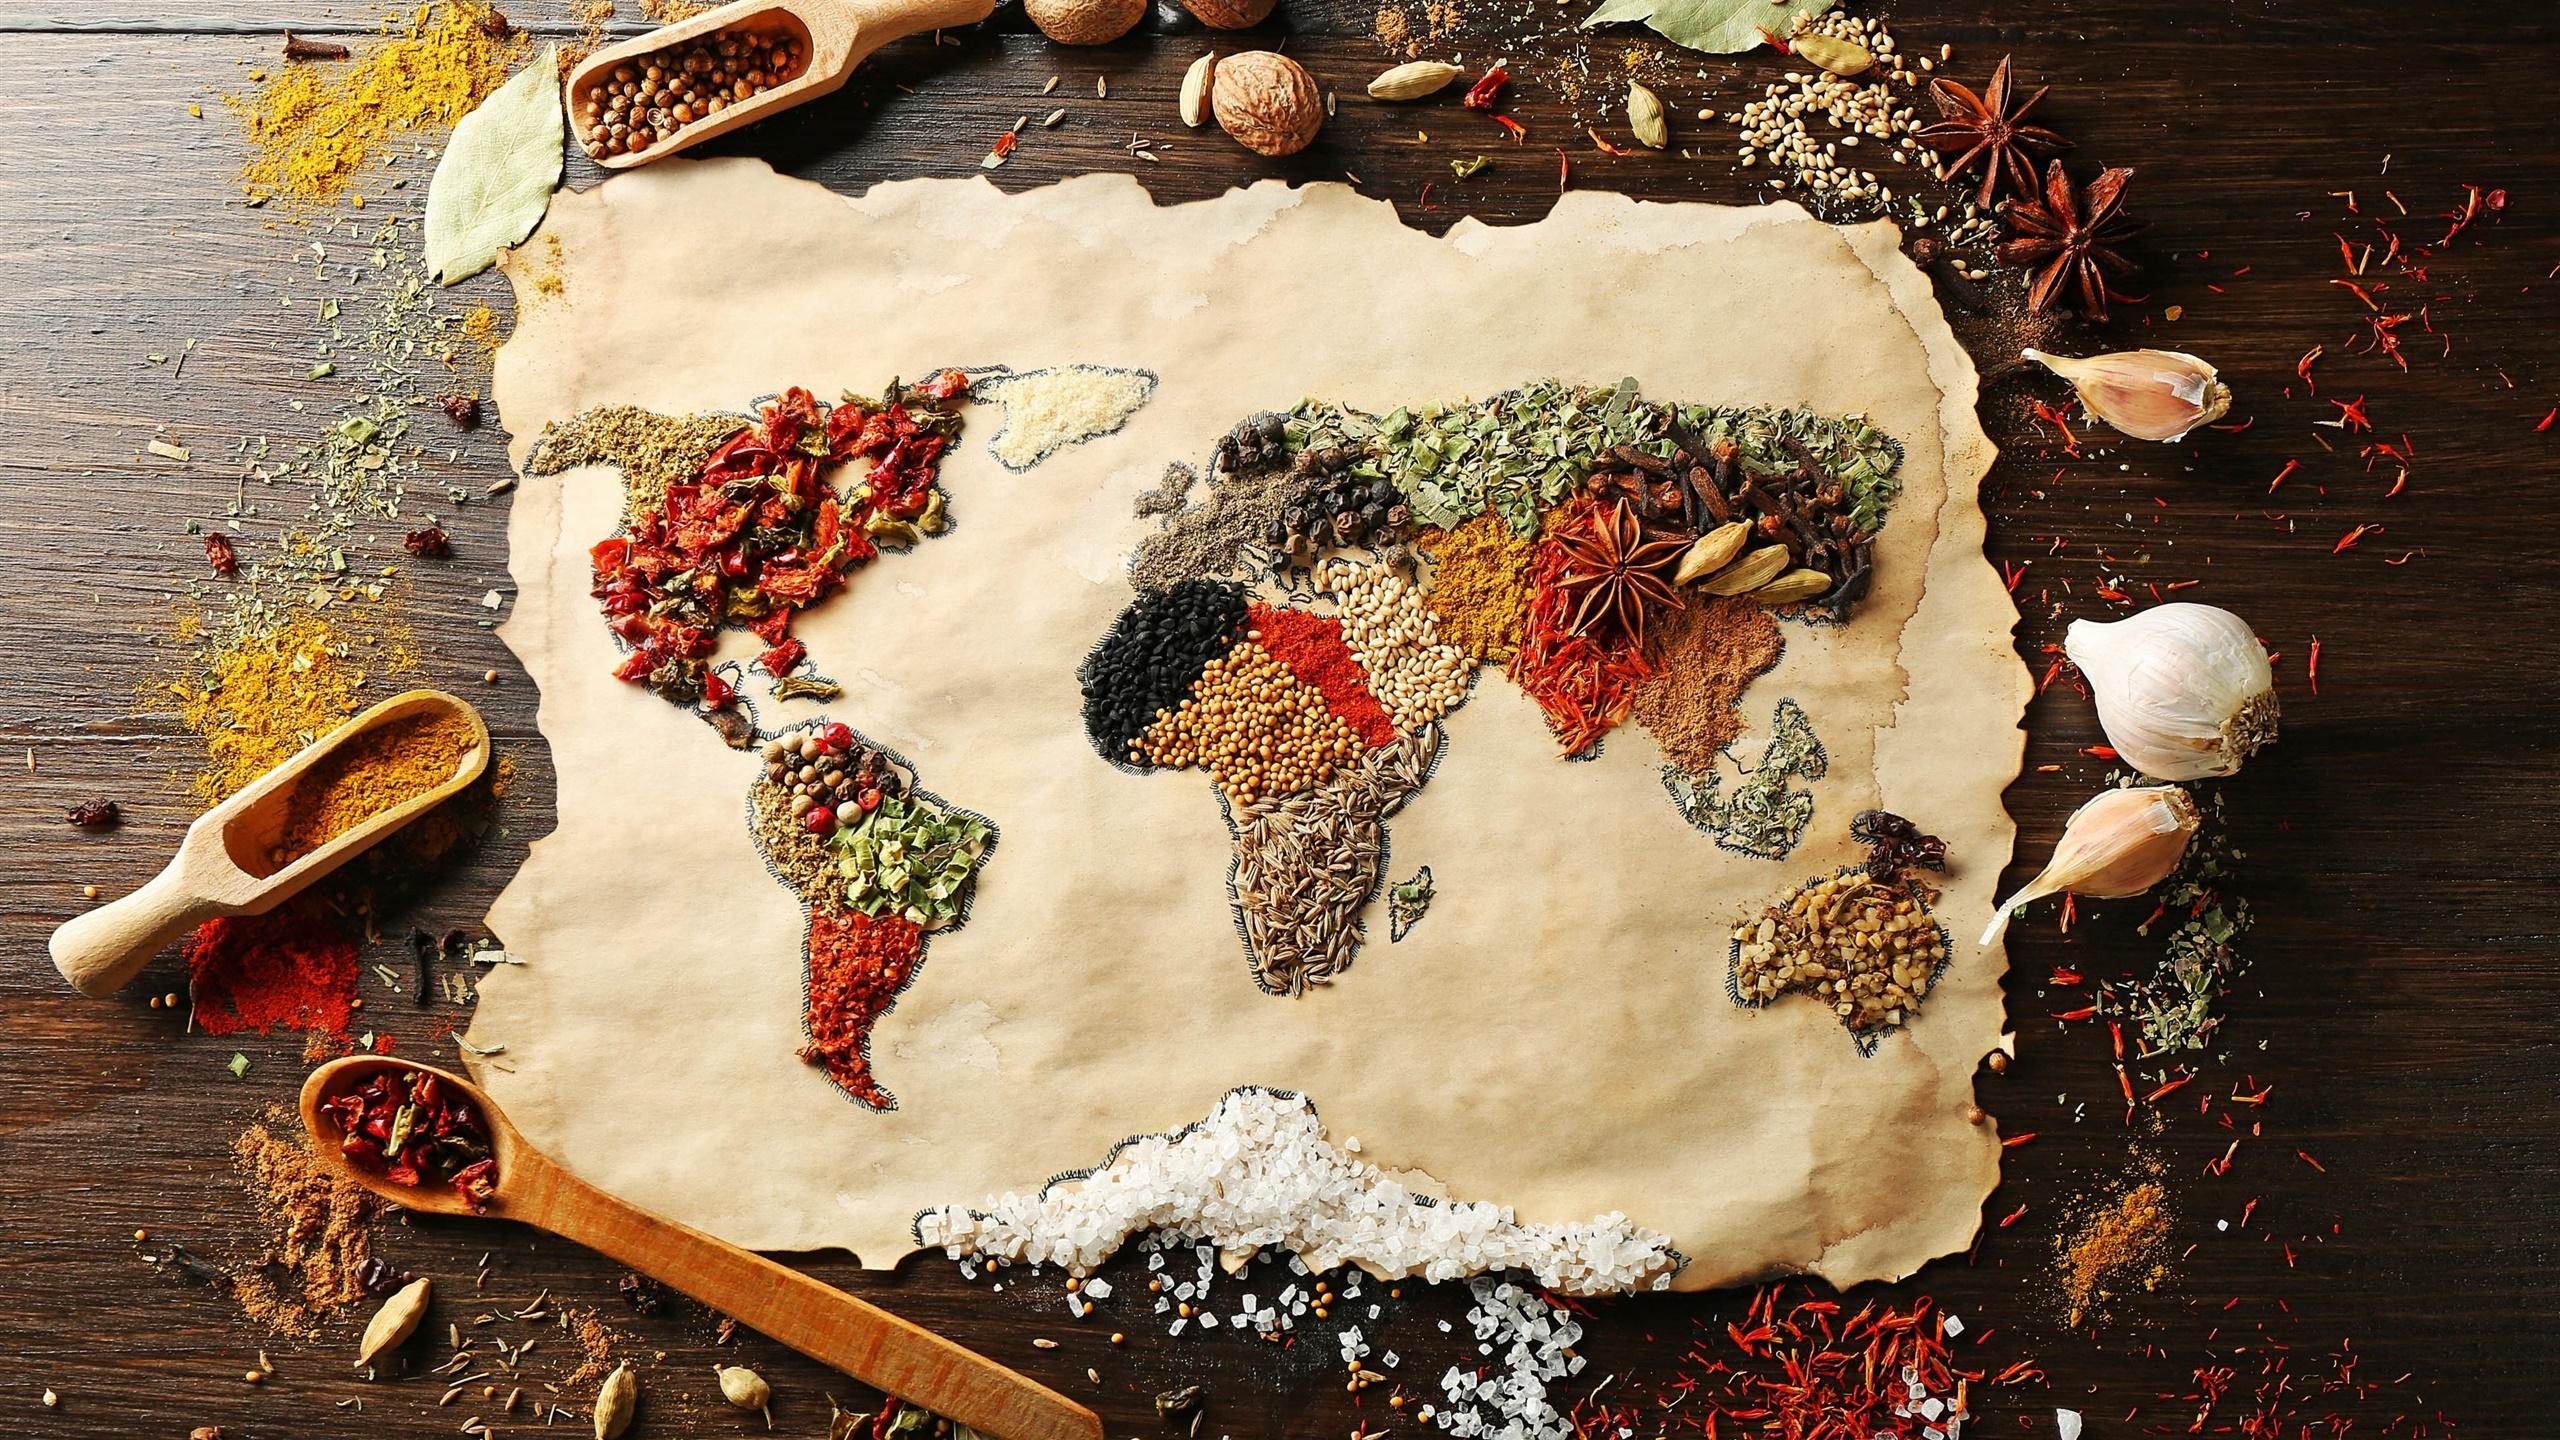 Alimentaires pices surface carte du monde images for Fond ecran monde